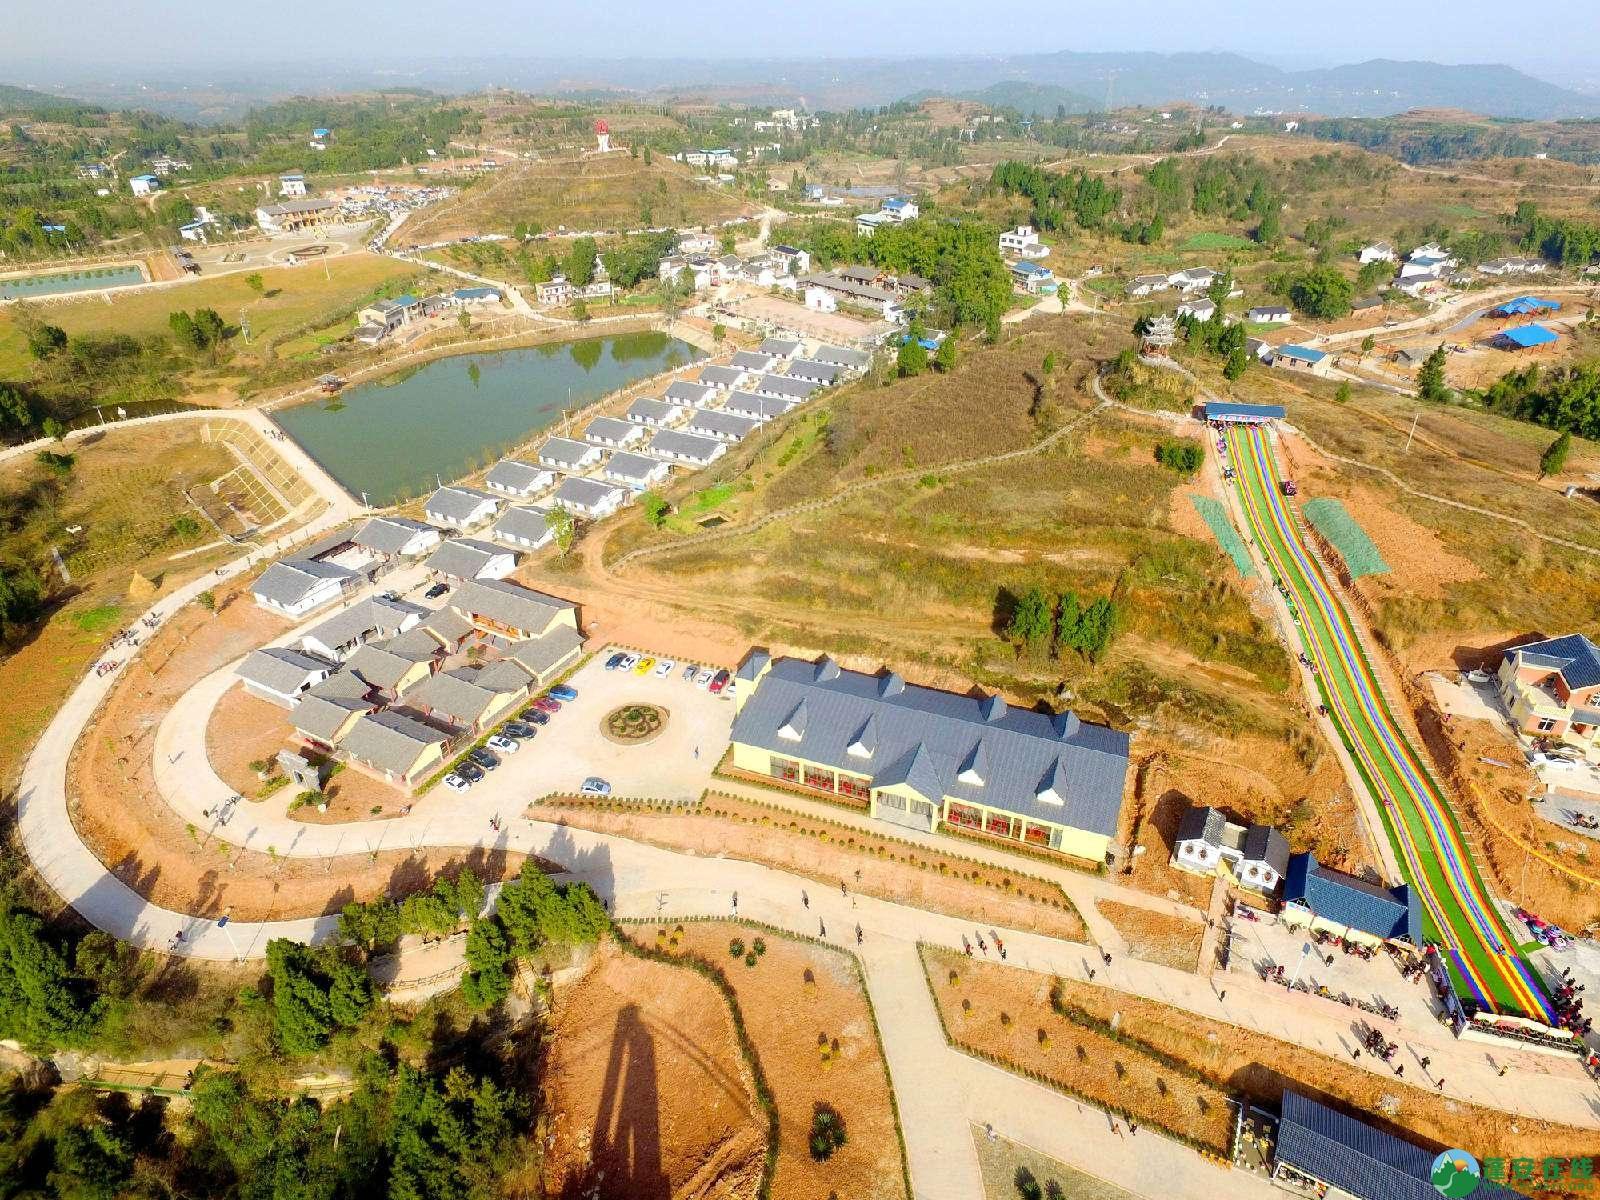 蓬安县正源镇红豆村首个悬空玻璃吊桥正式开放 - 第6张  | 蓬安在线